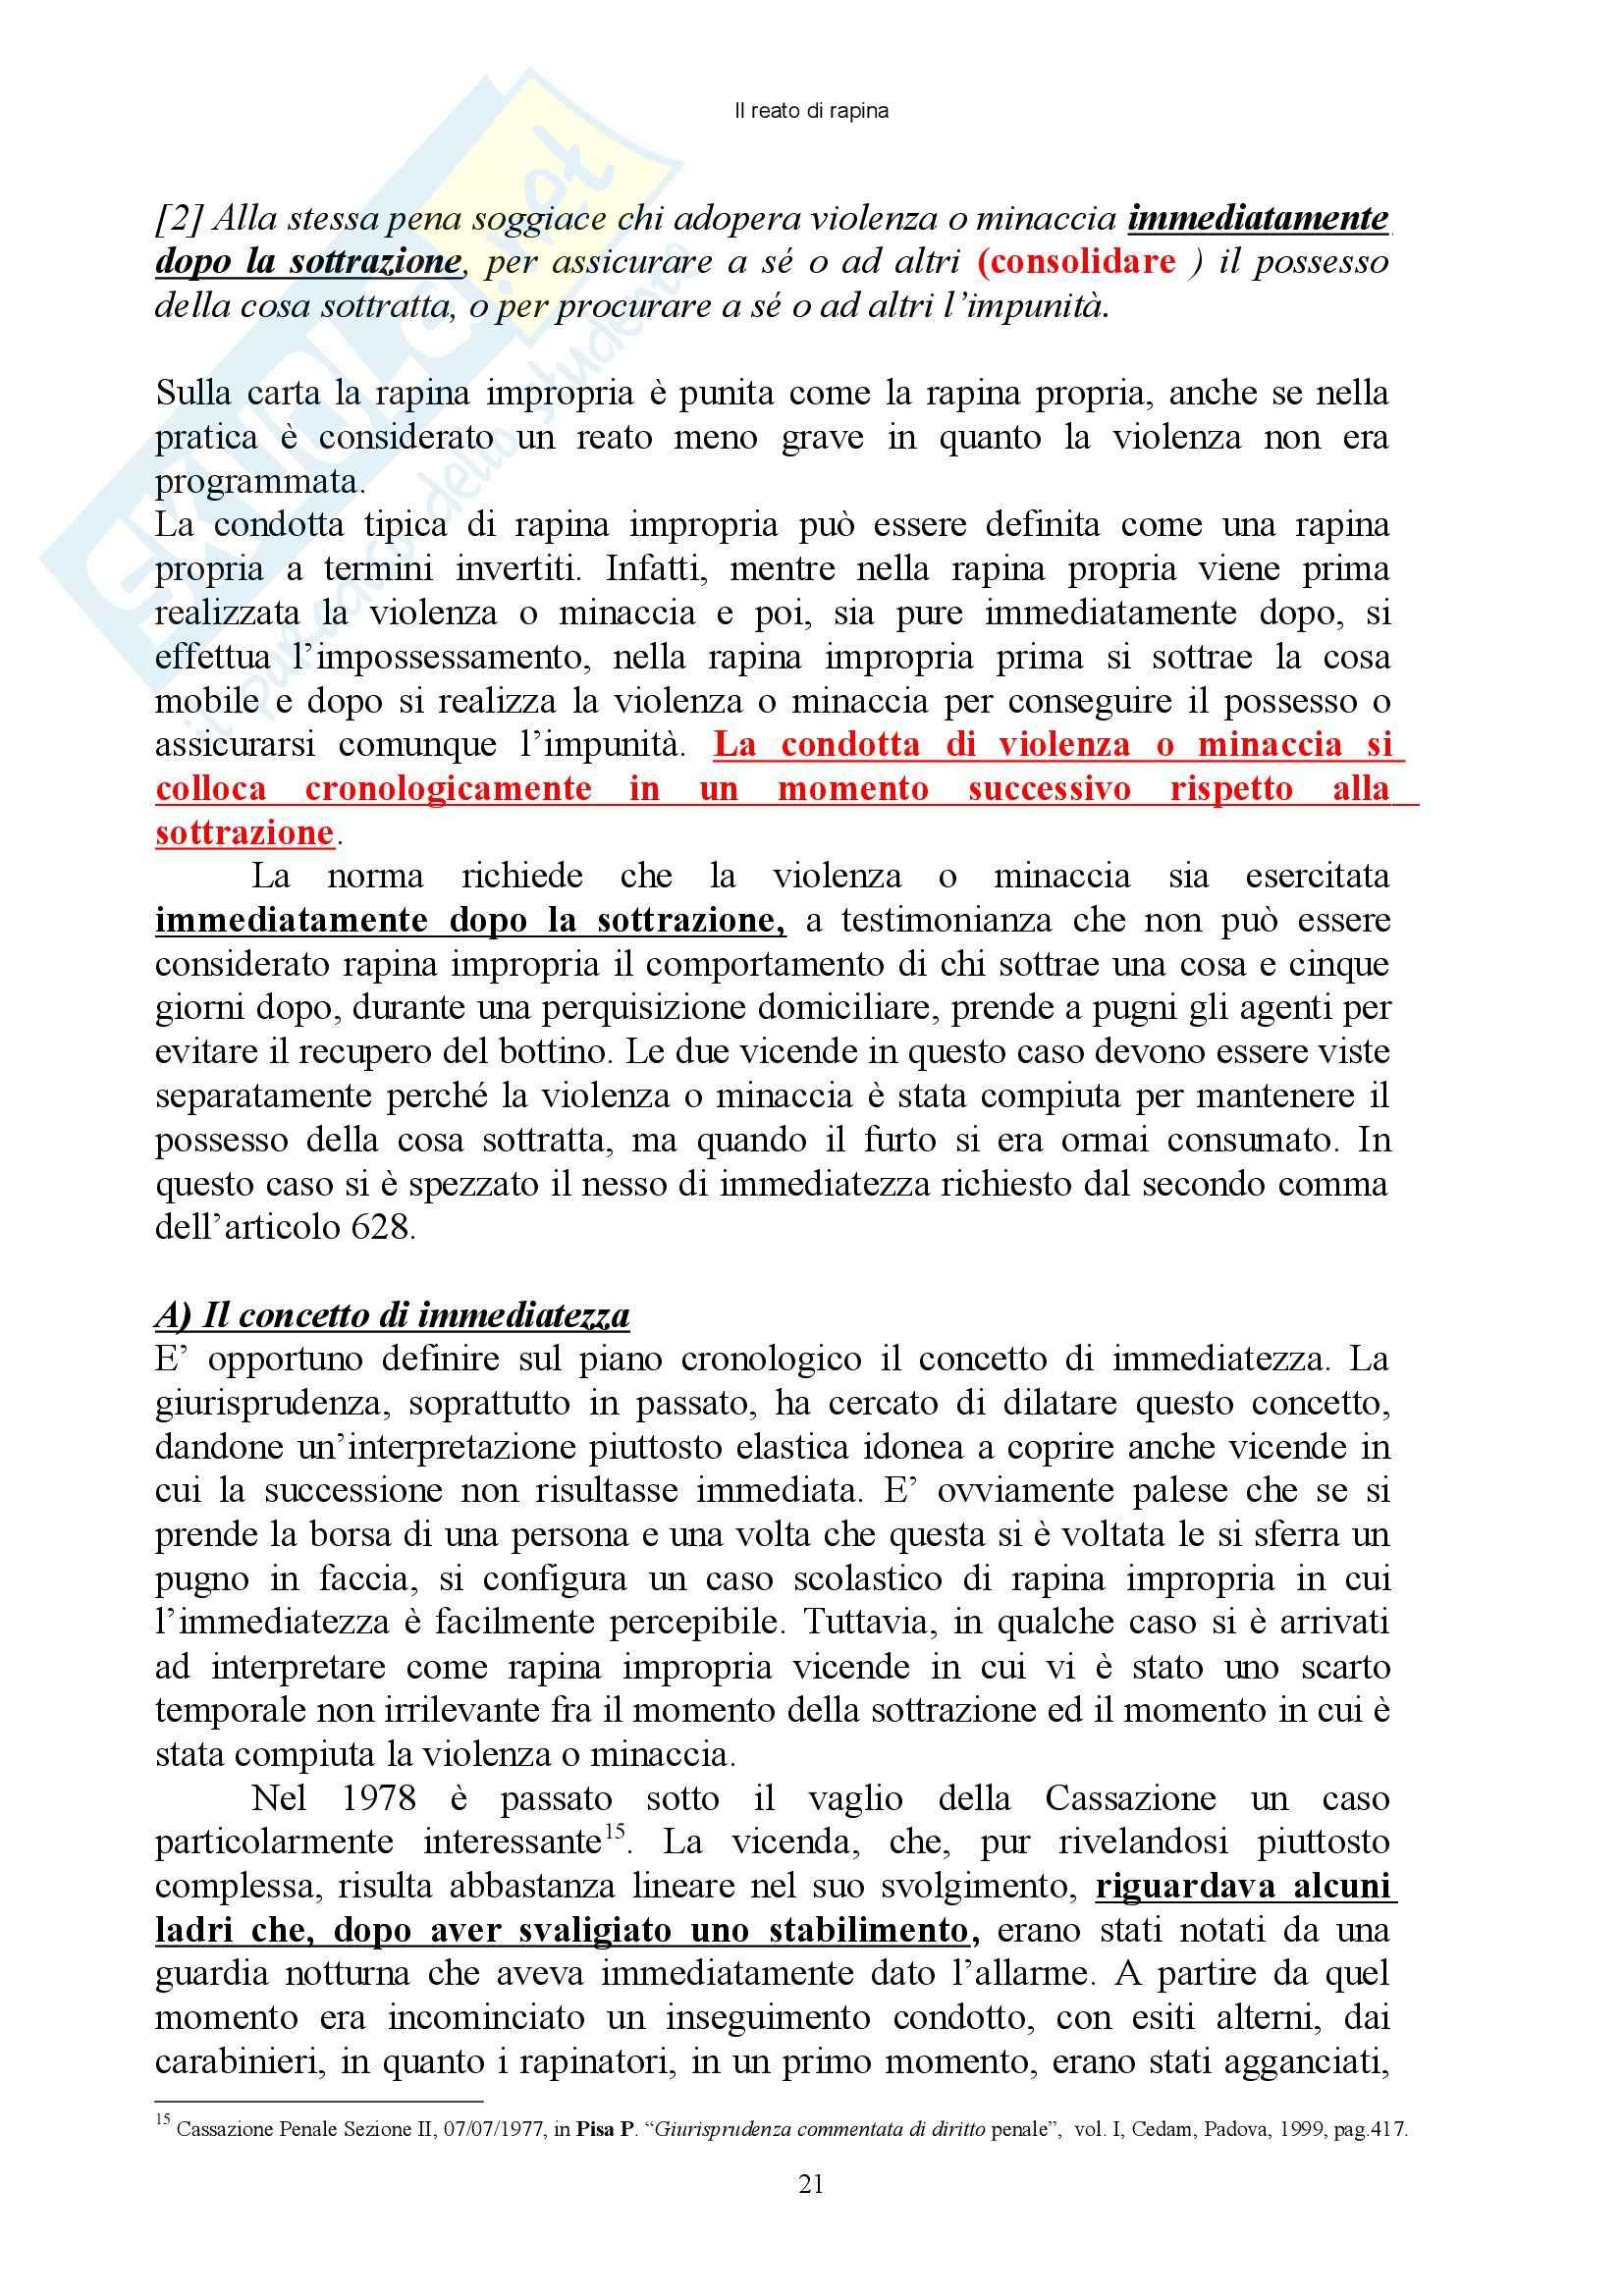 Diritto penale - reati contro il patrimonio - Appunti Pag. 21